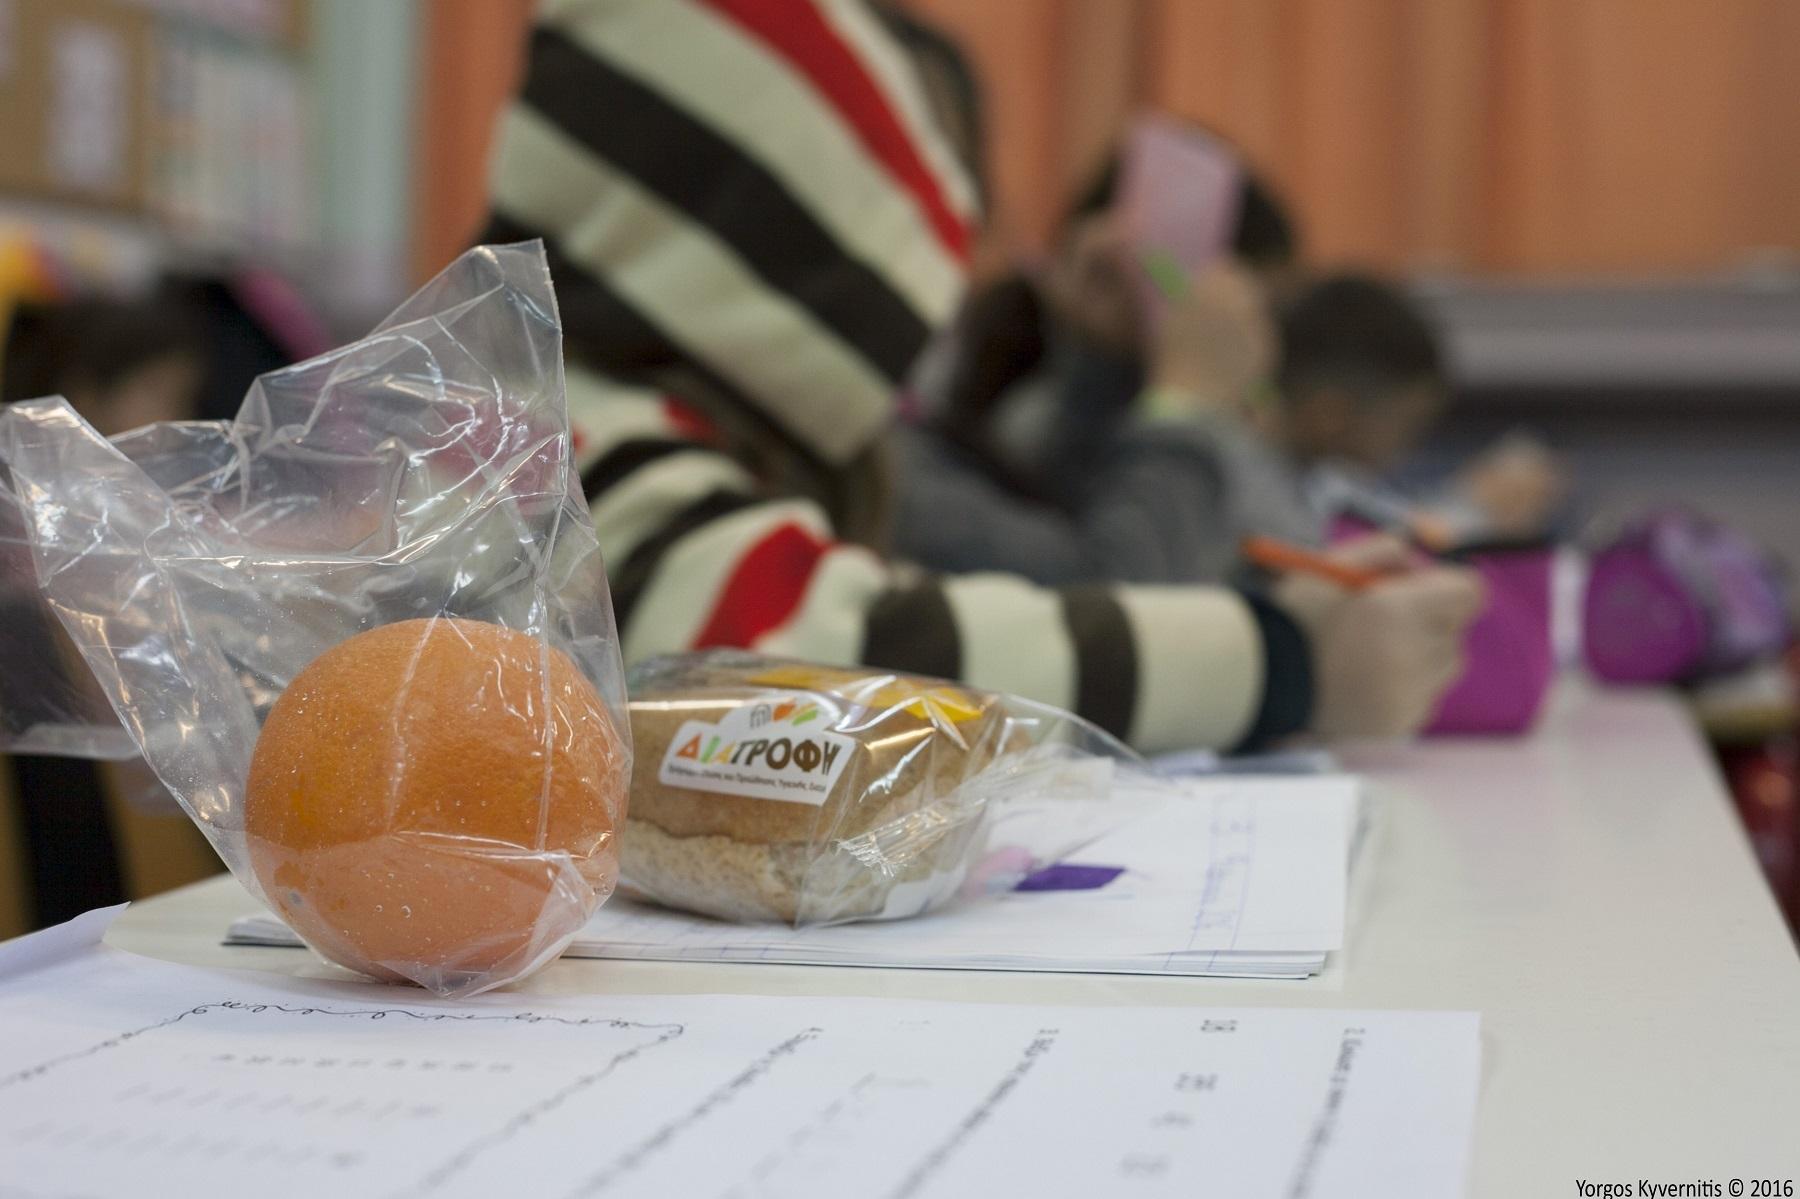 Γεύματα αγάπης από τη GENESIS Pharma σε σχολεία!